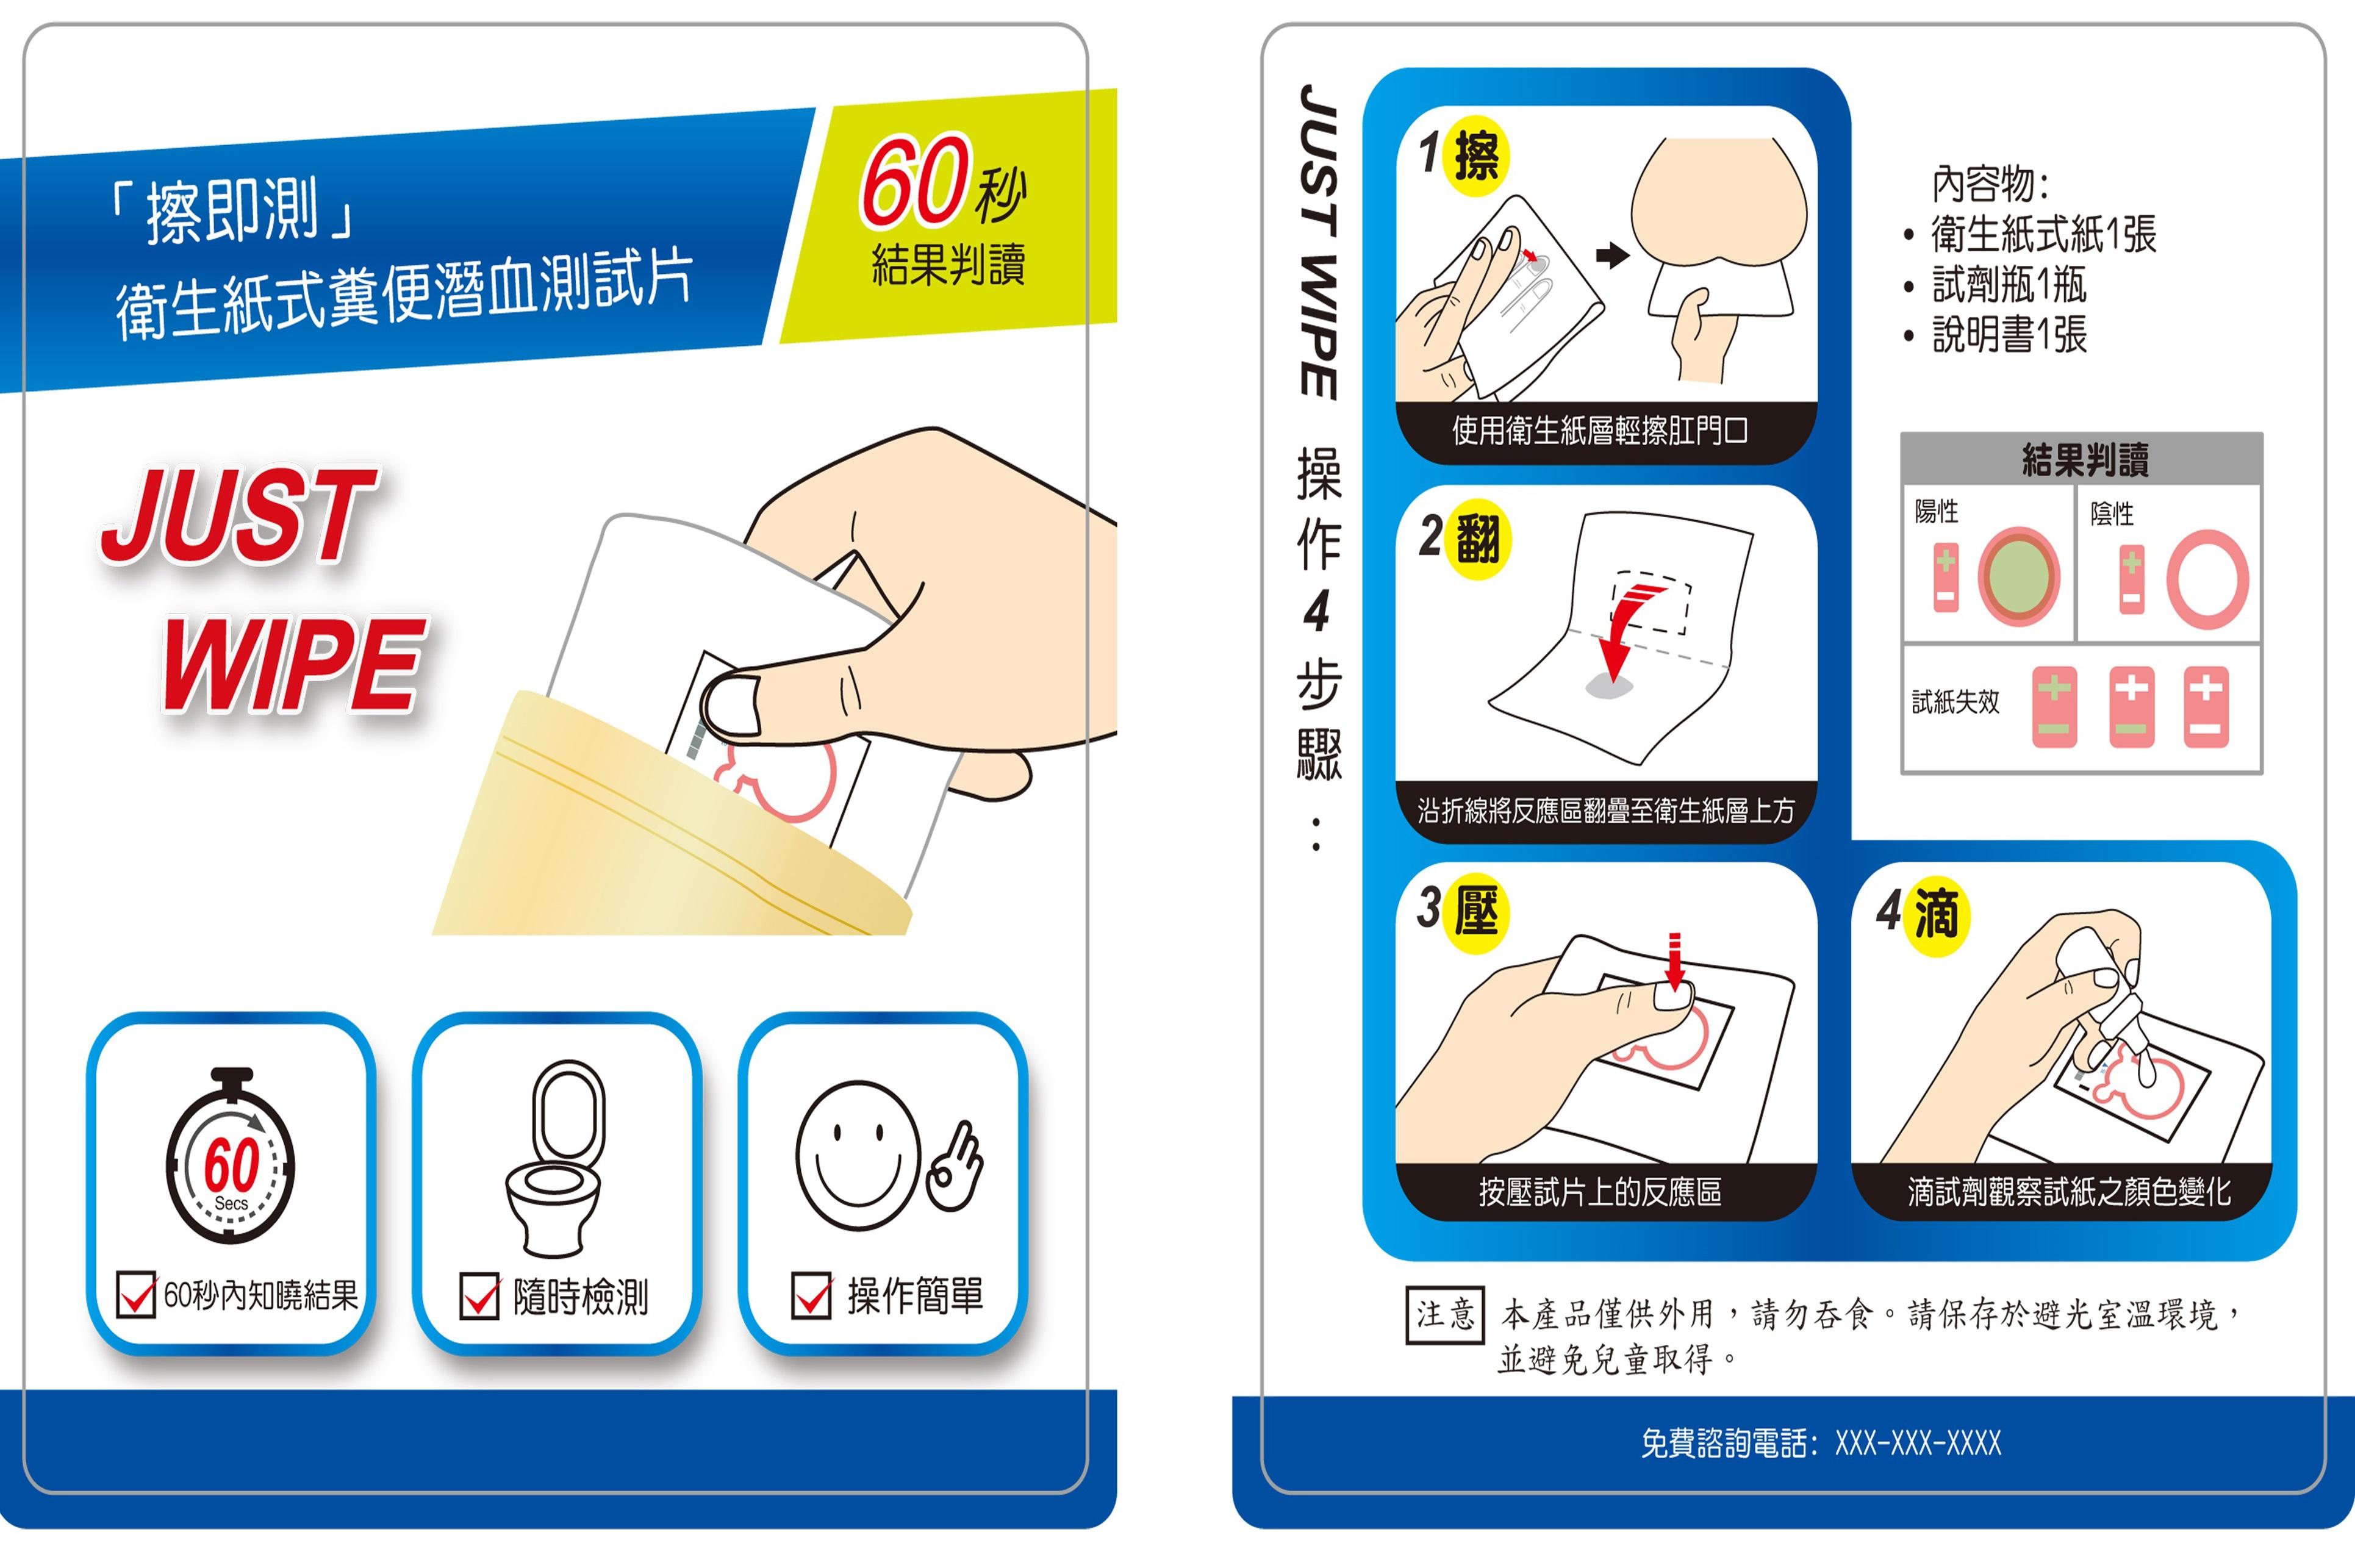 本產品擦即測在包裝正面強調使用上的優點,且於包裝背面附上操作流程與判讀指引,有利於使用者操作